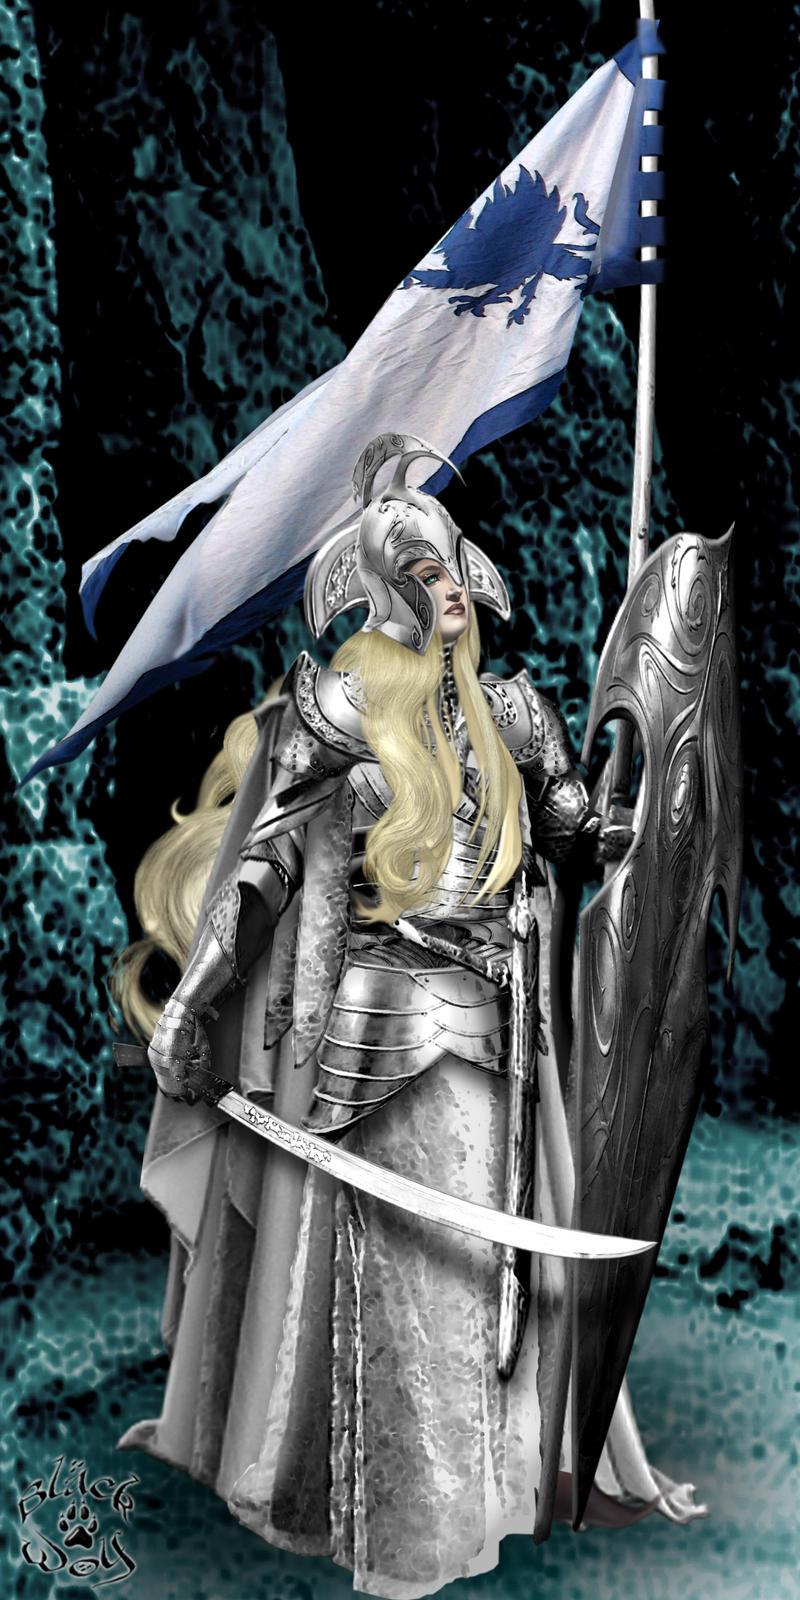 Elf maiden erotic image